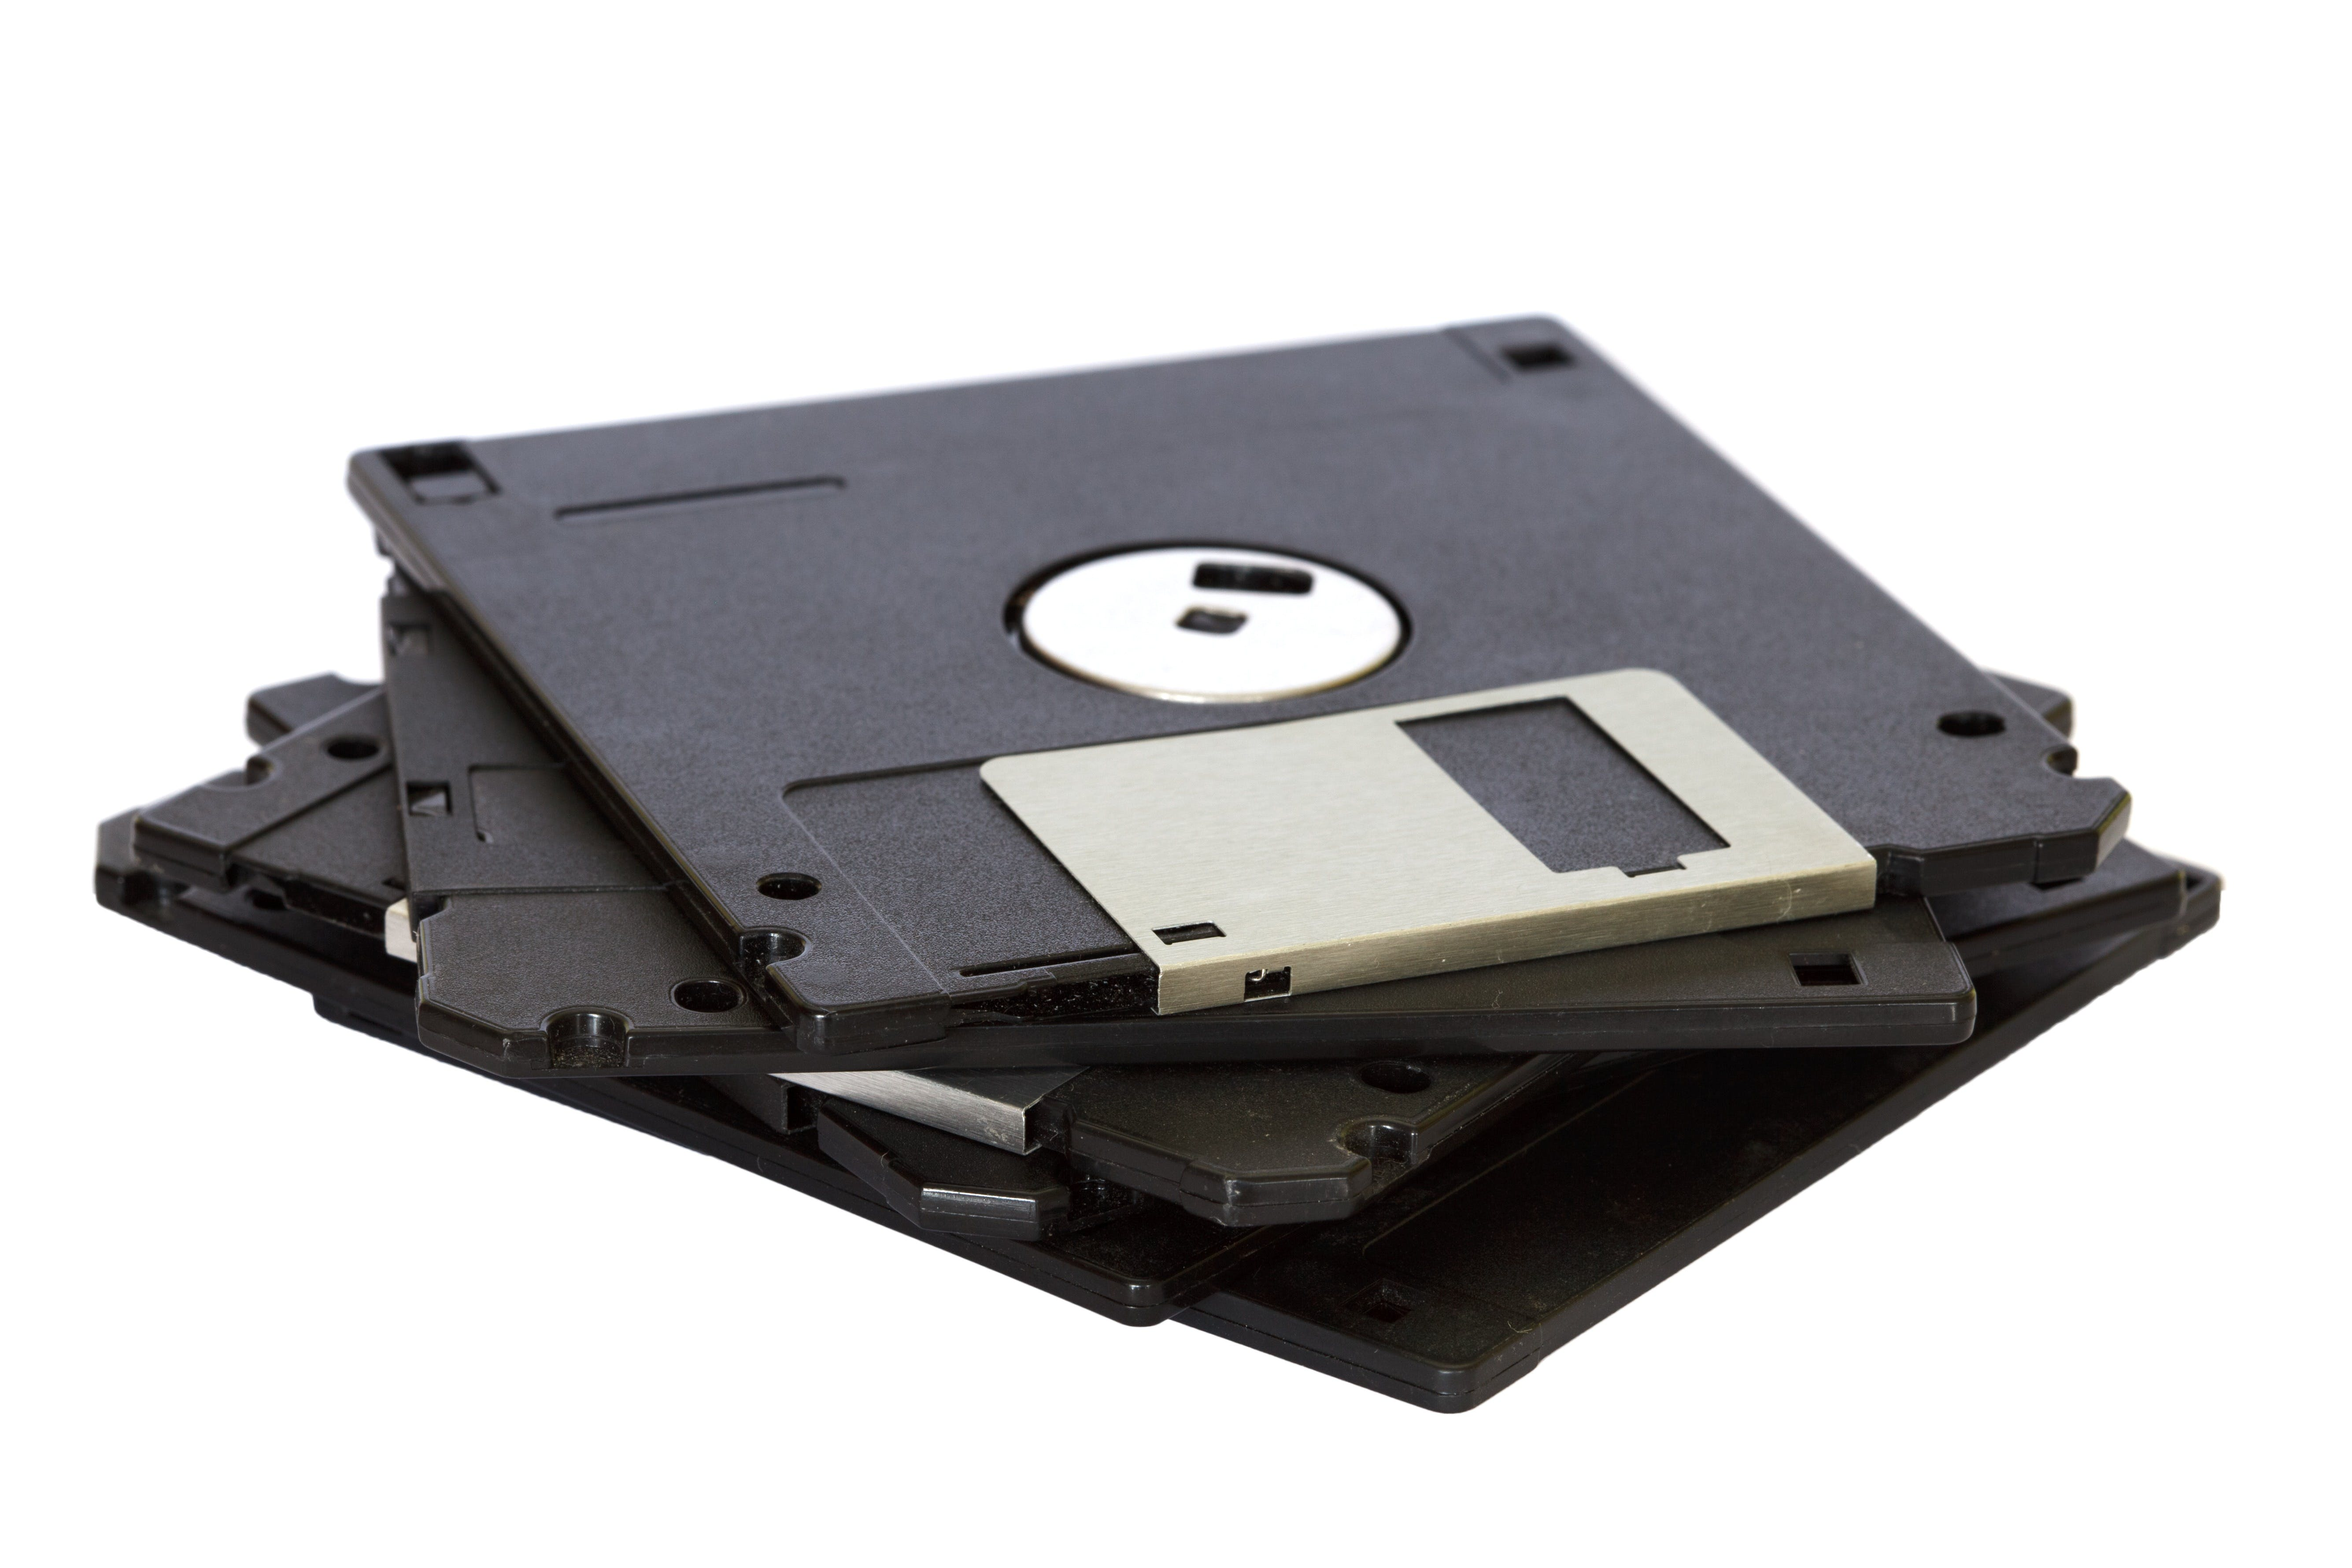 Four Black Floppy Discs on White Surface